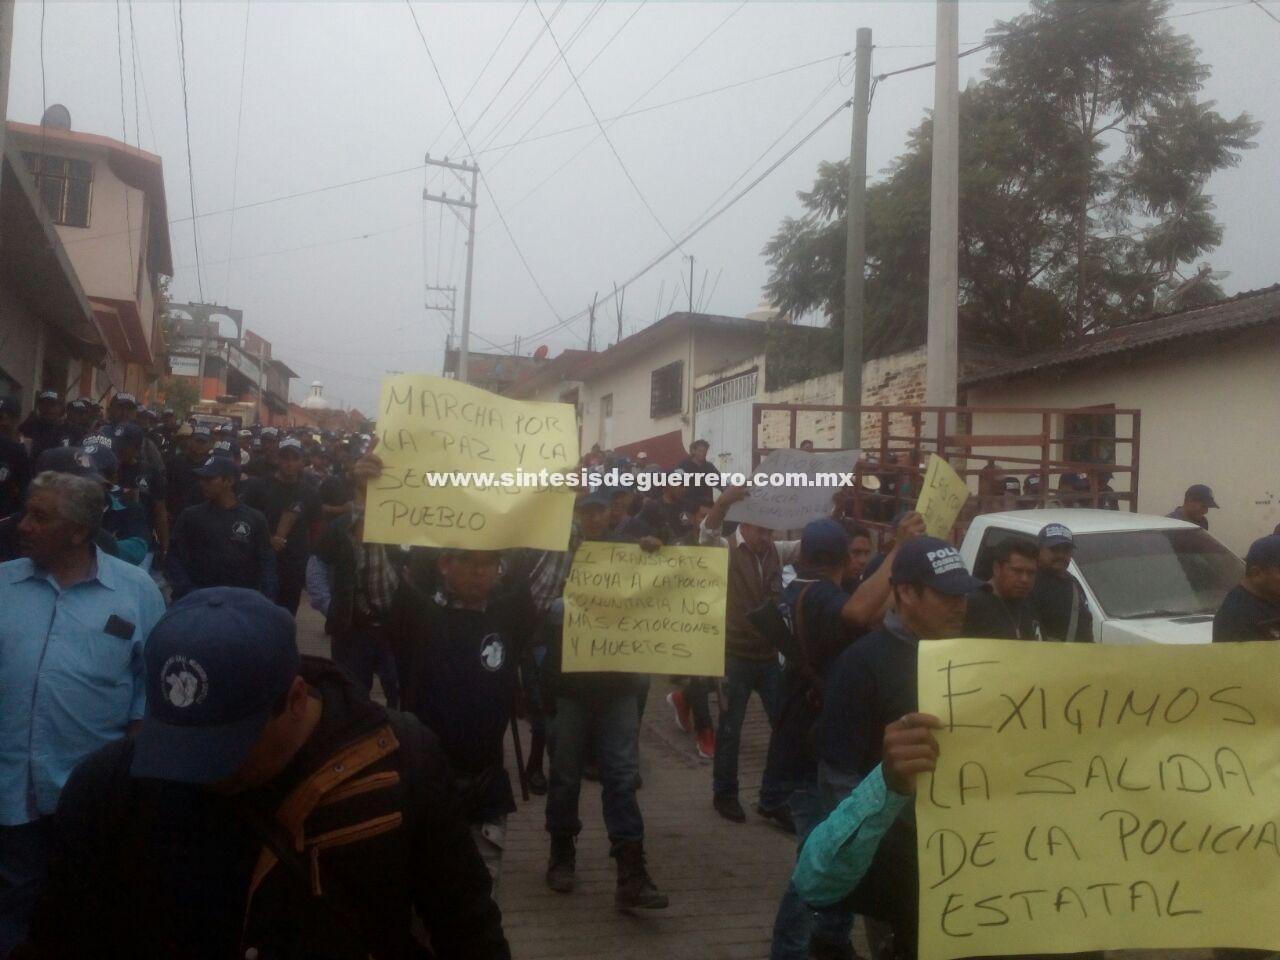 Marchan en Tlacotepec; exigen liberación de comunitarios de Mezcala y retiro de la Policía Estatal